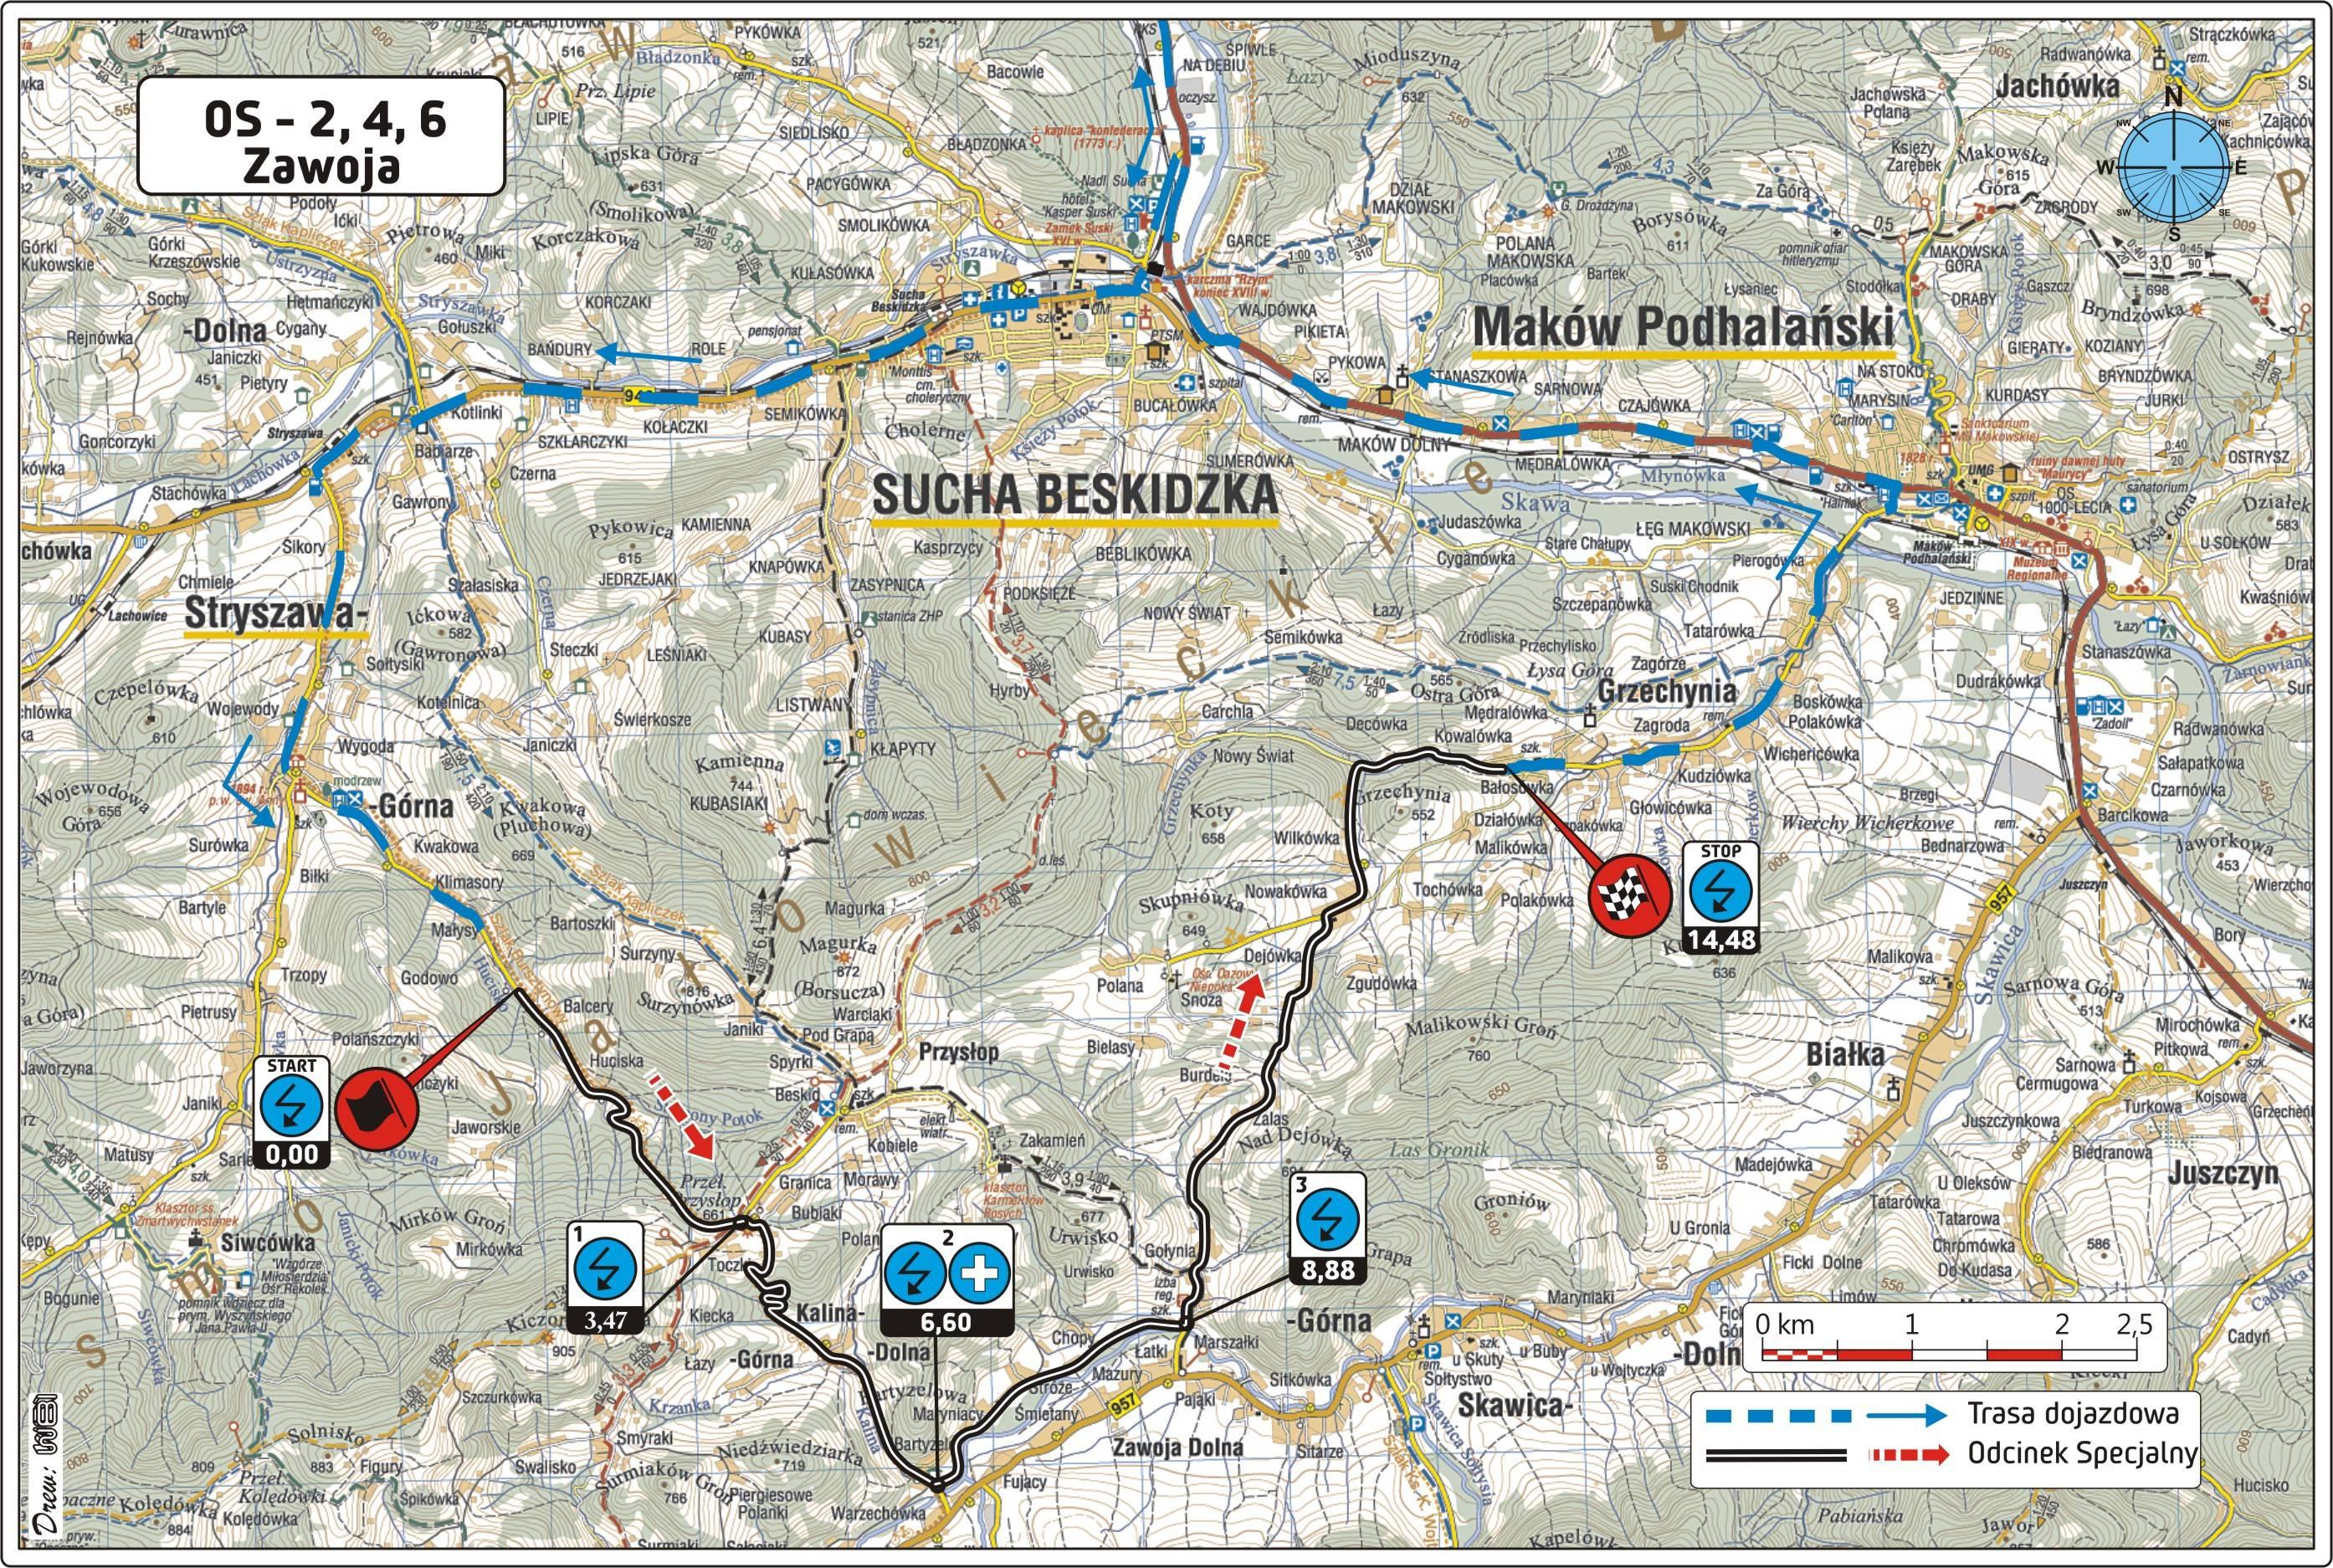 Rajd Krakowski Mapy Zostały Opublikowane